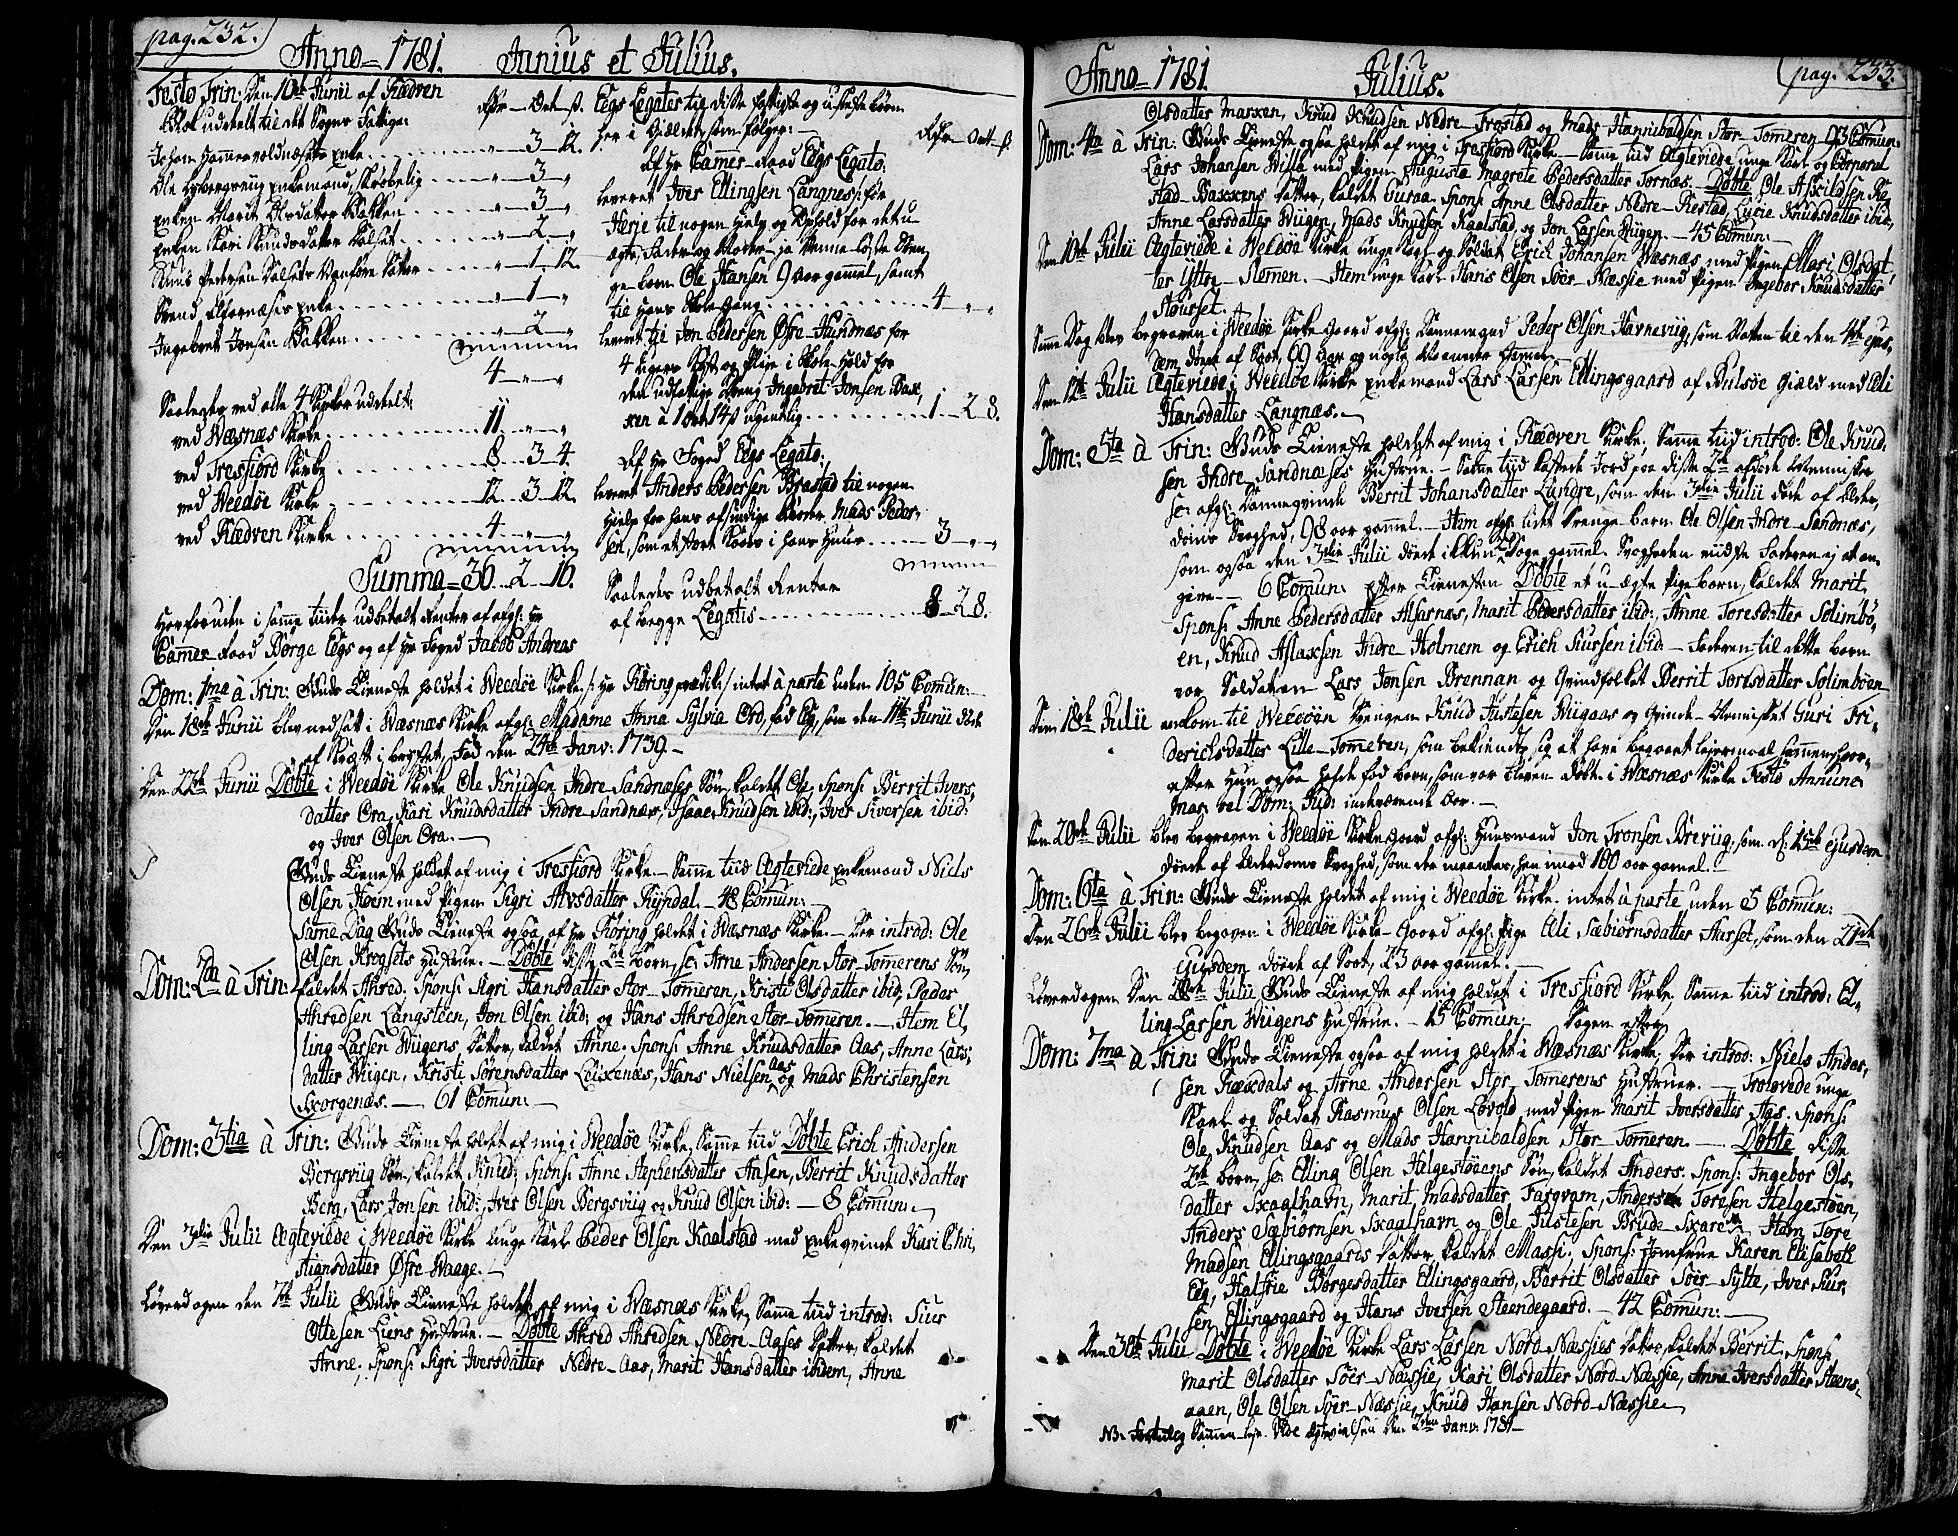 SAT, Ministerialprotokoller, klokkerbøker og fødselsregistre - Møre og Romsdal, 547/L0600: Ministerialbok nr. 547A02, 1765-1799, s. 232-233